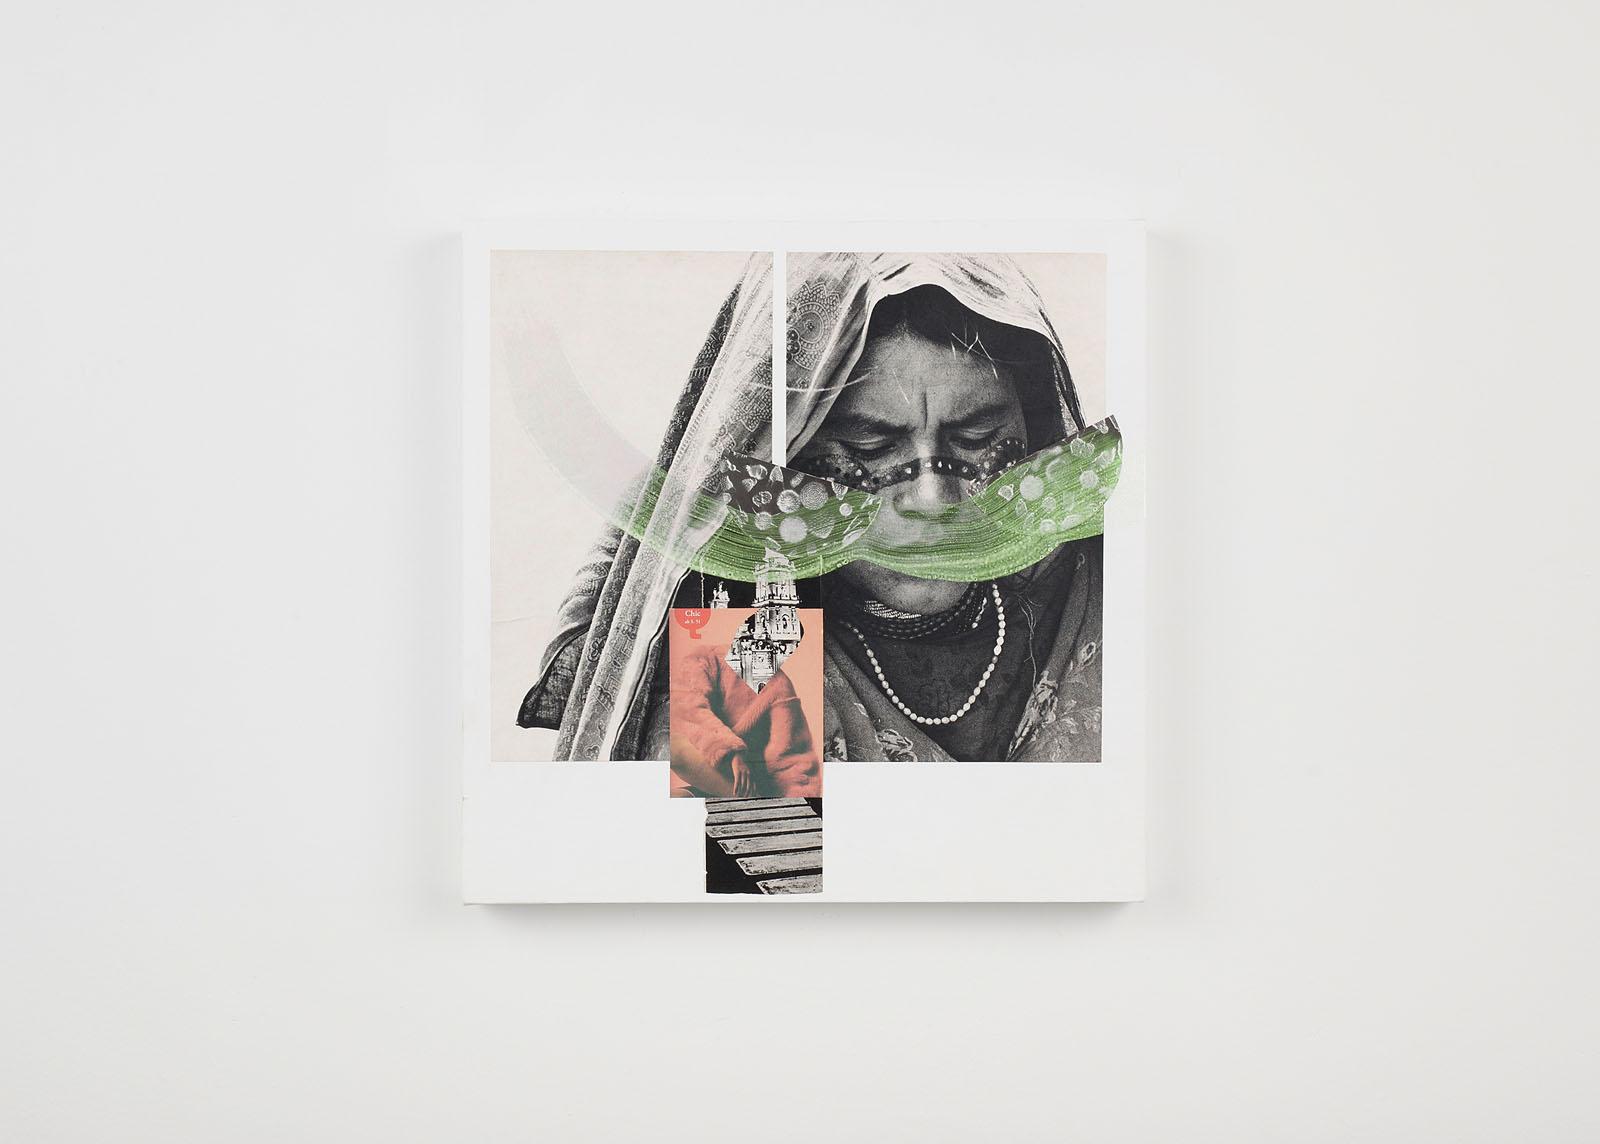 """o.T. aus """"Petrichor"""", 2017, 40 x 40 cm, Mischtechnik & Collage auf Leinwand"""